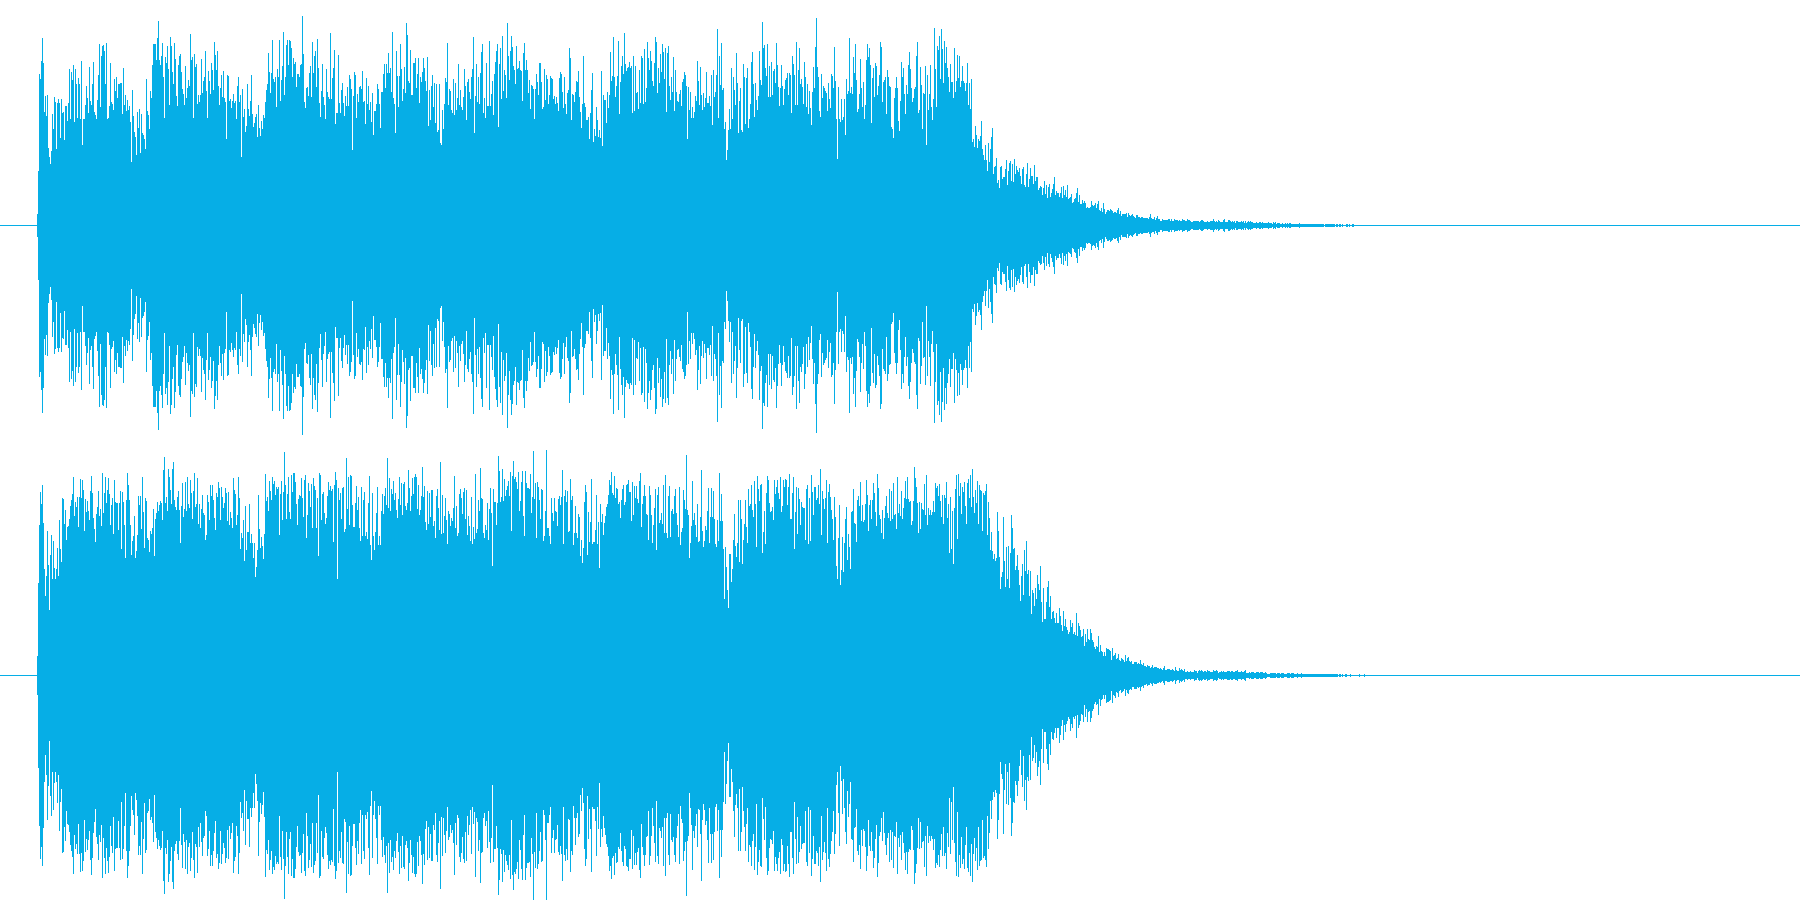 力強く迫力あるジングル曲の再生済みの波形